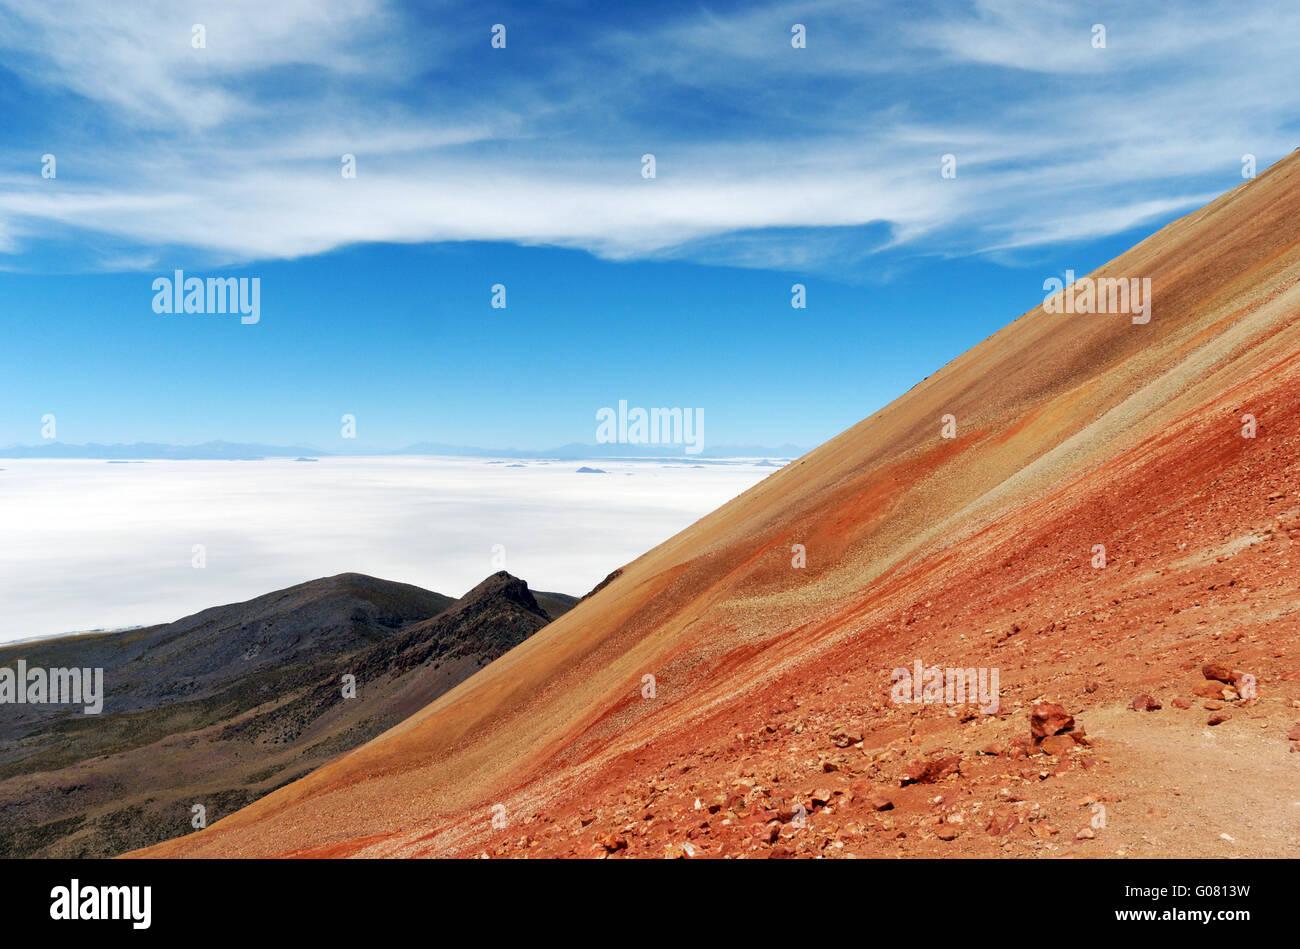 Impresionante geología en la cumbre del volcán Tunupa en el Salar de Uyuni en Bolivia Imagen De Stock